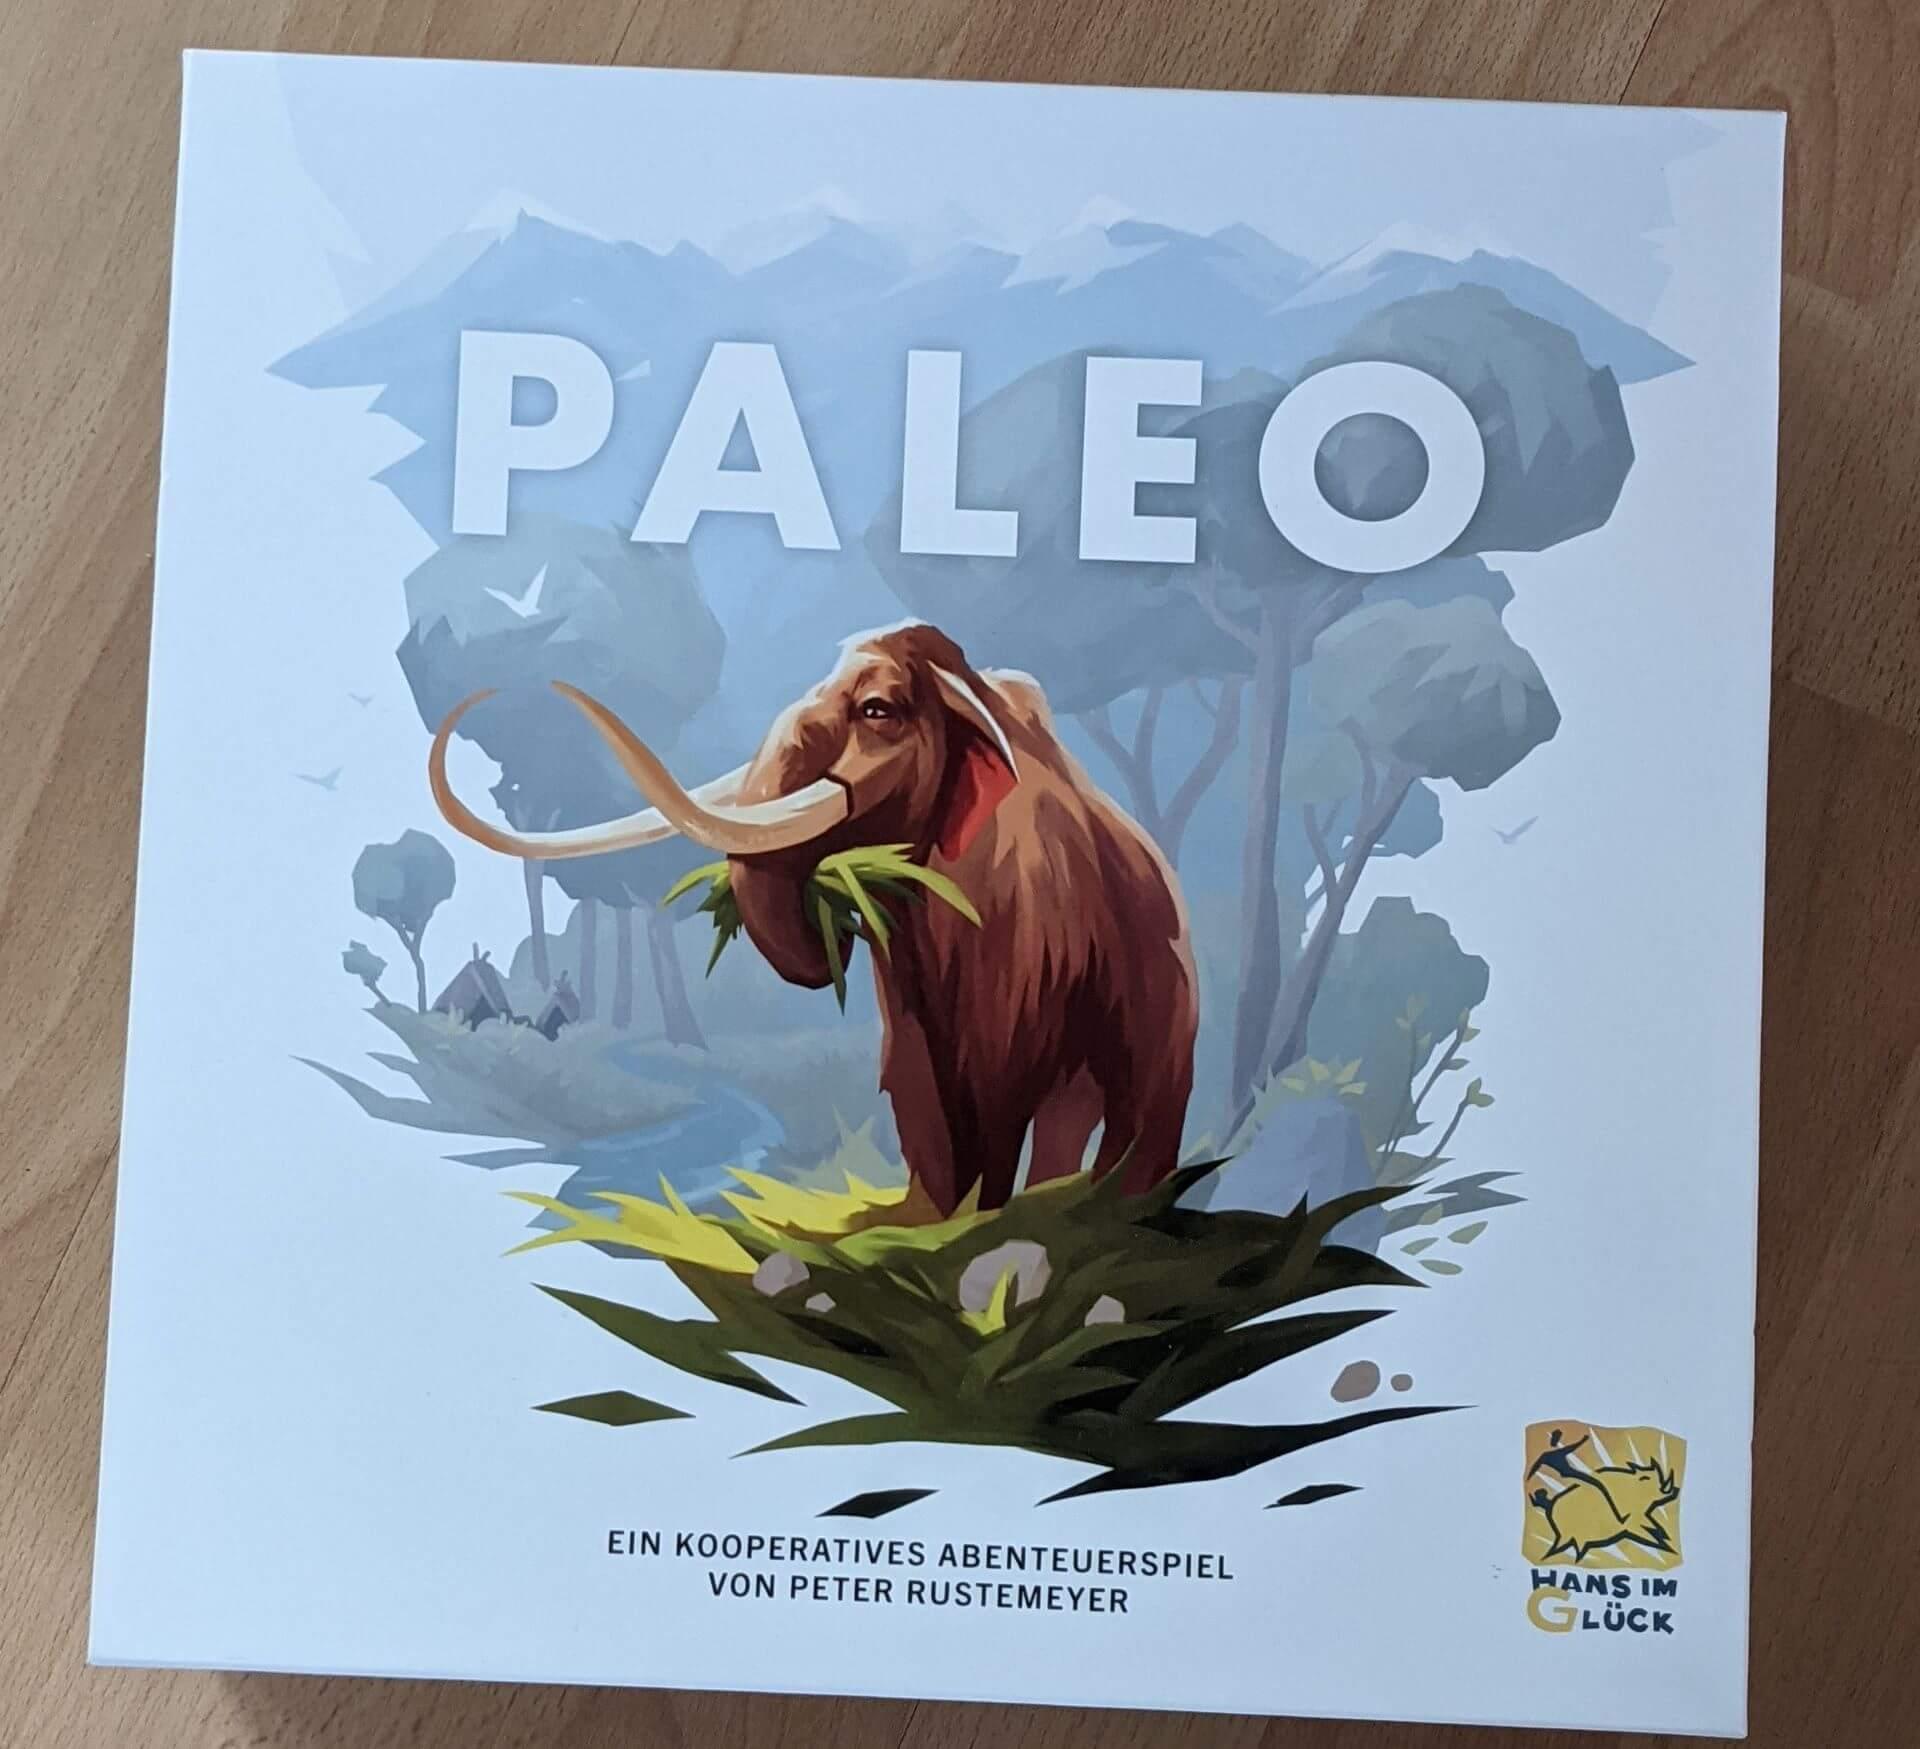 Paleo Review - Das Kennerspiel des Jahres 2021